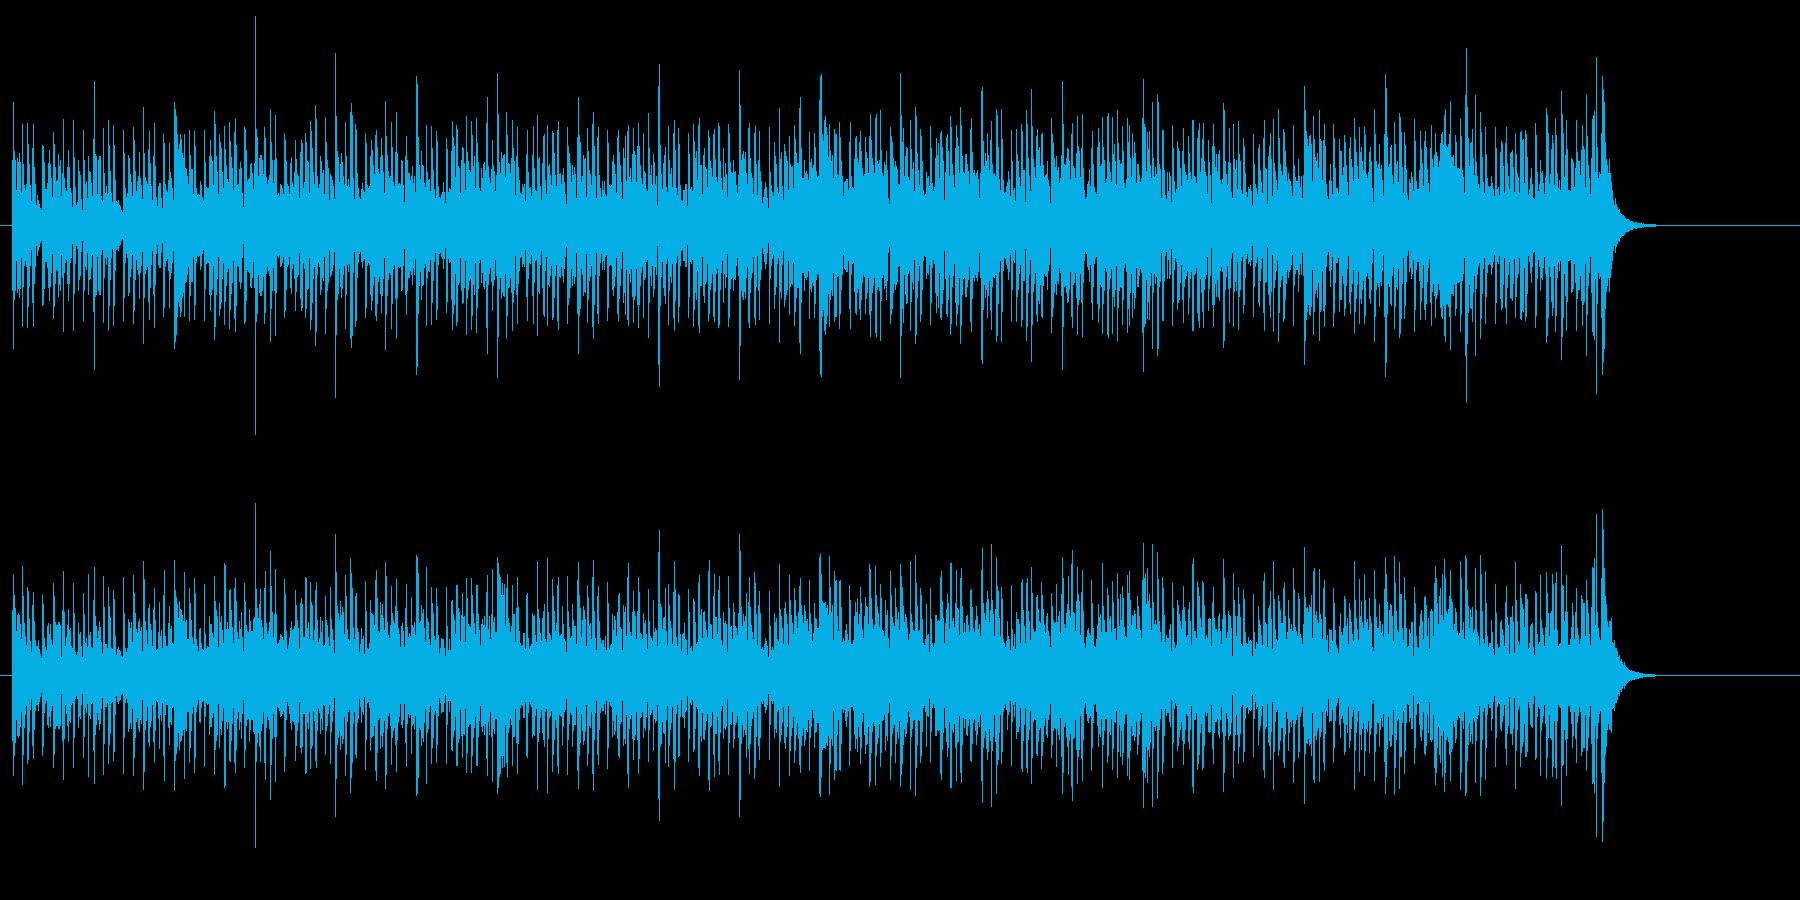 明快なオープニング・テーマ風ポップスの再生済みの波形